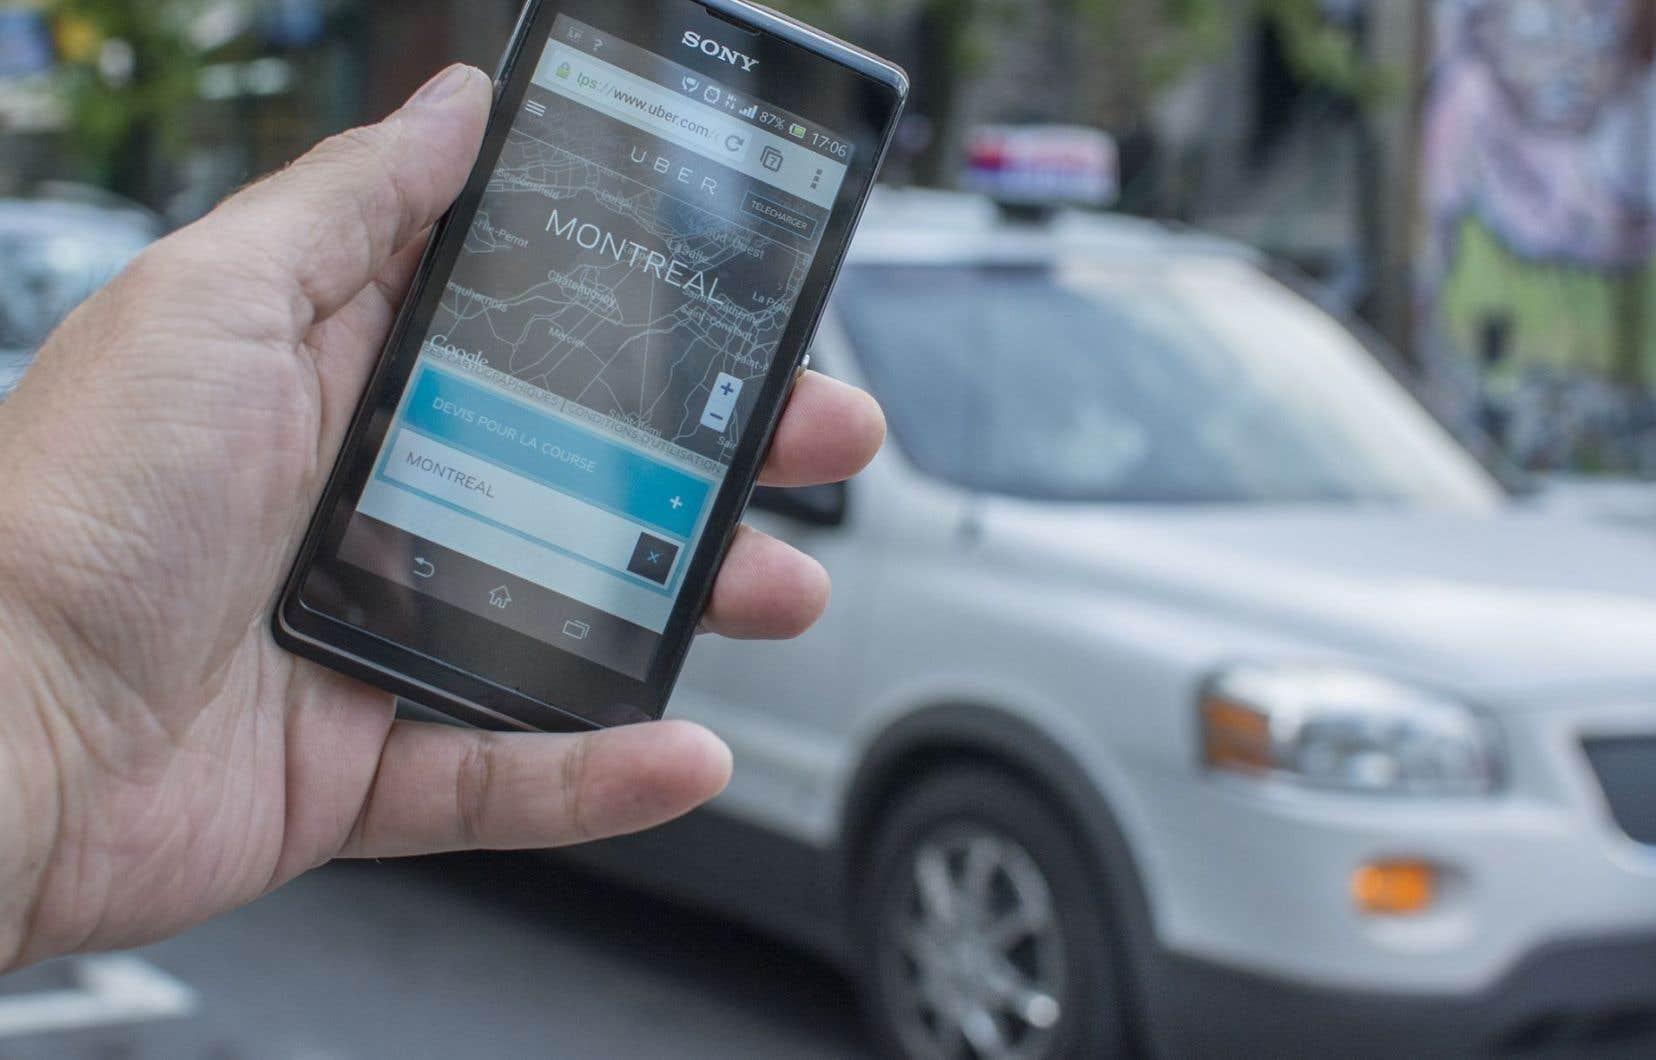 Le projet de loi 100 vise à forcer les exploitants de la plateforme Uber à se conformer aux mêmes règles que leurs concurrents de l'industrie du taxi, soit avoir un permis spécial et payer les taxes requises.